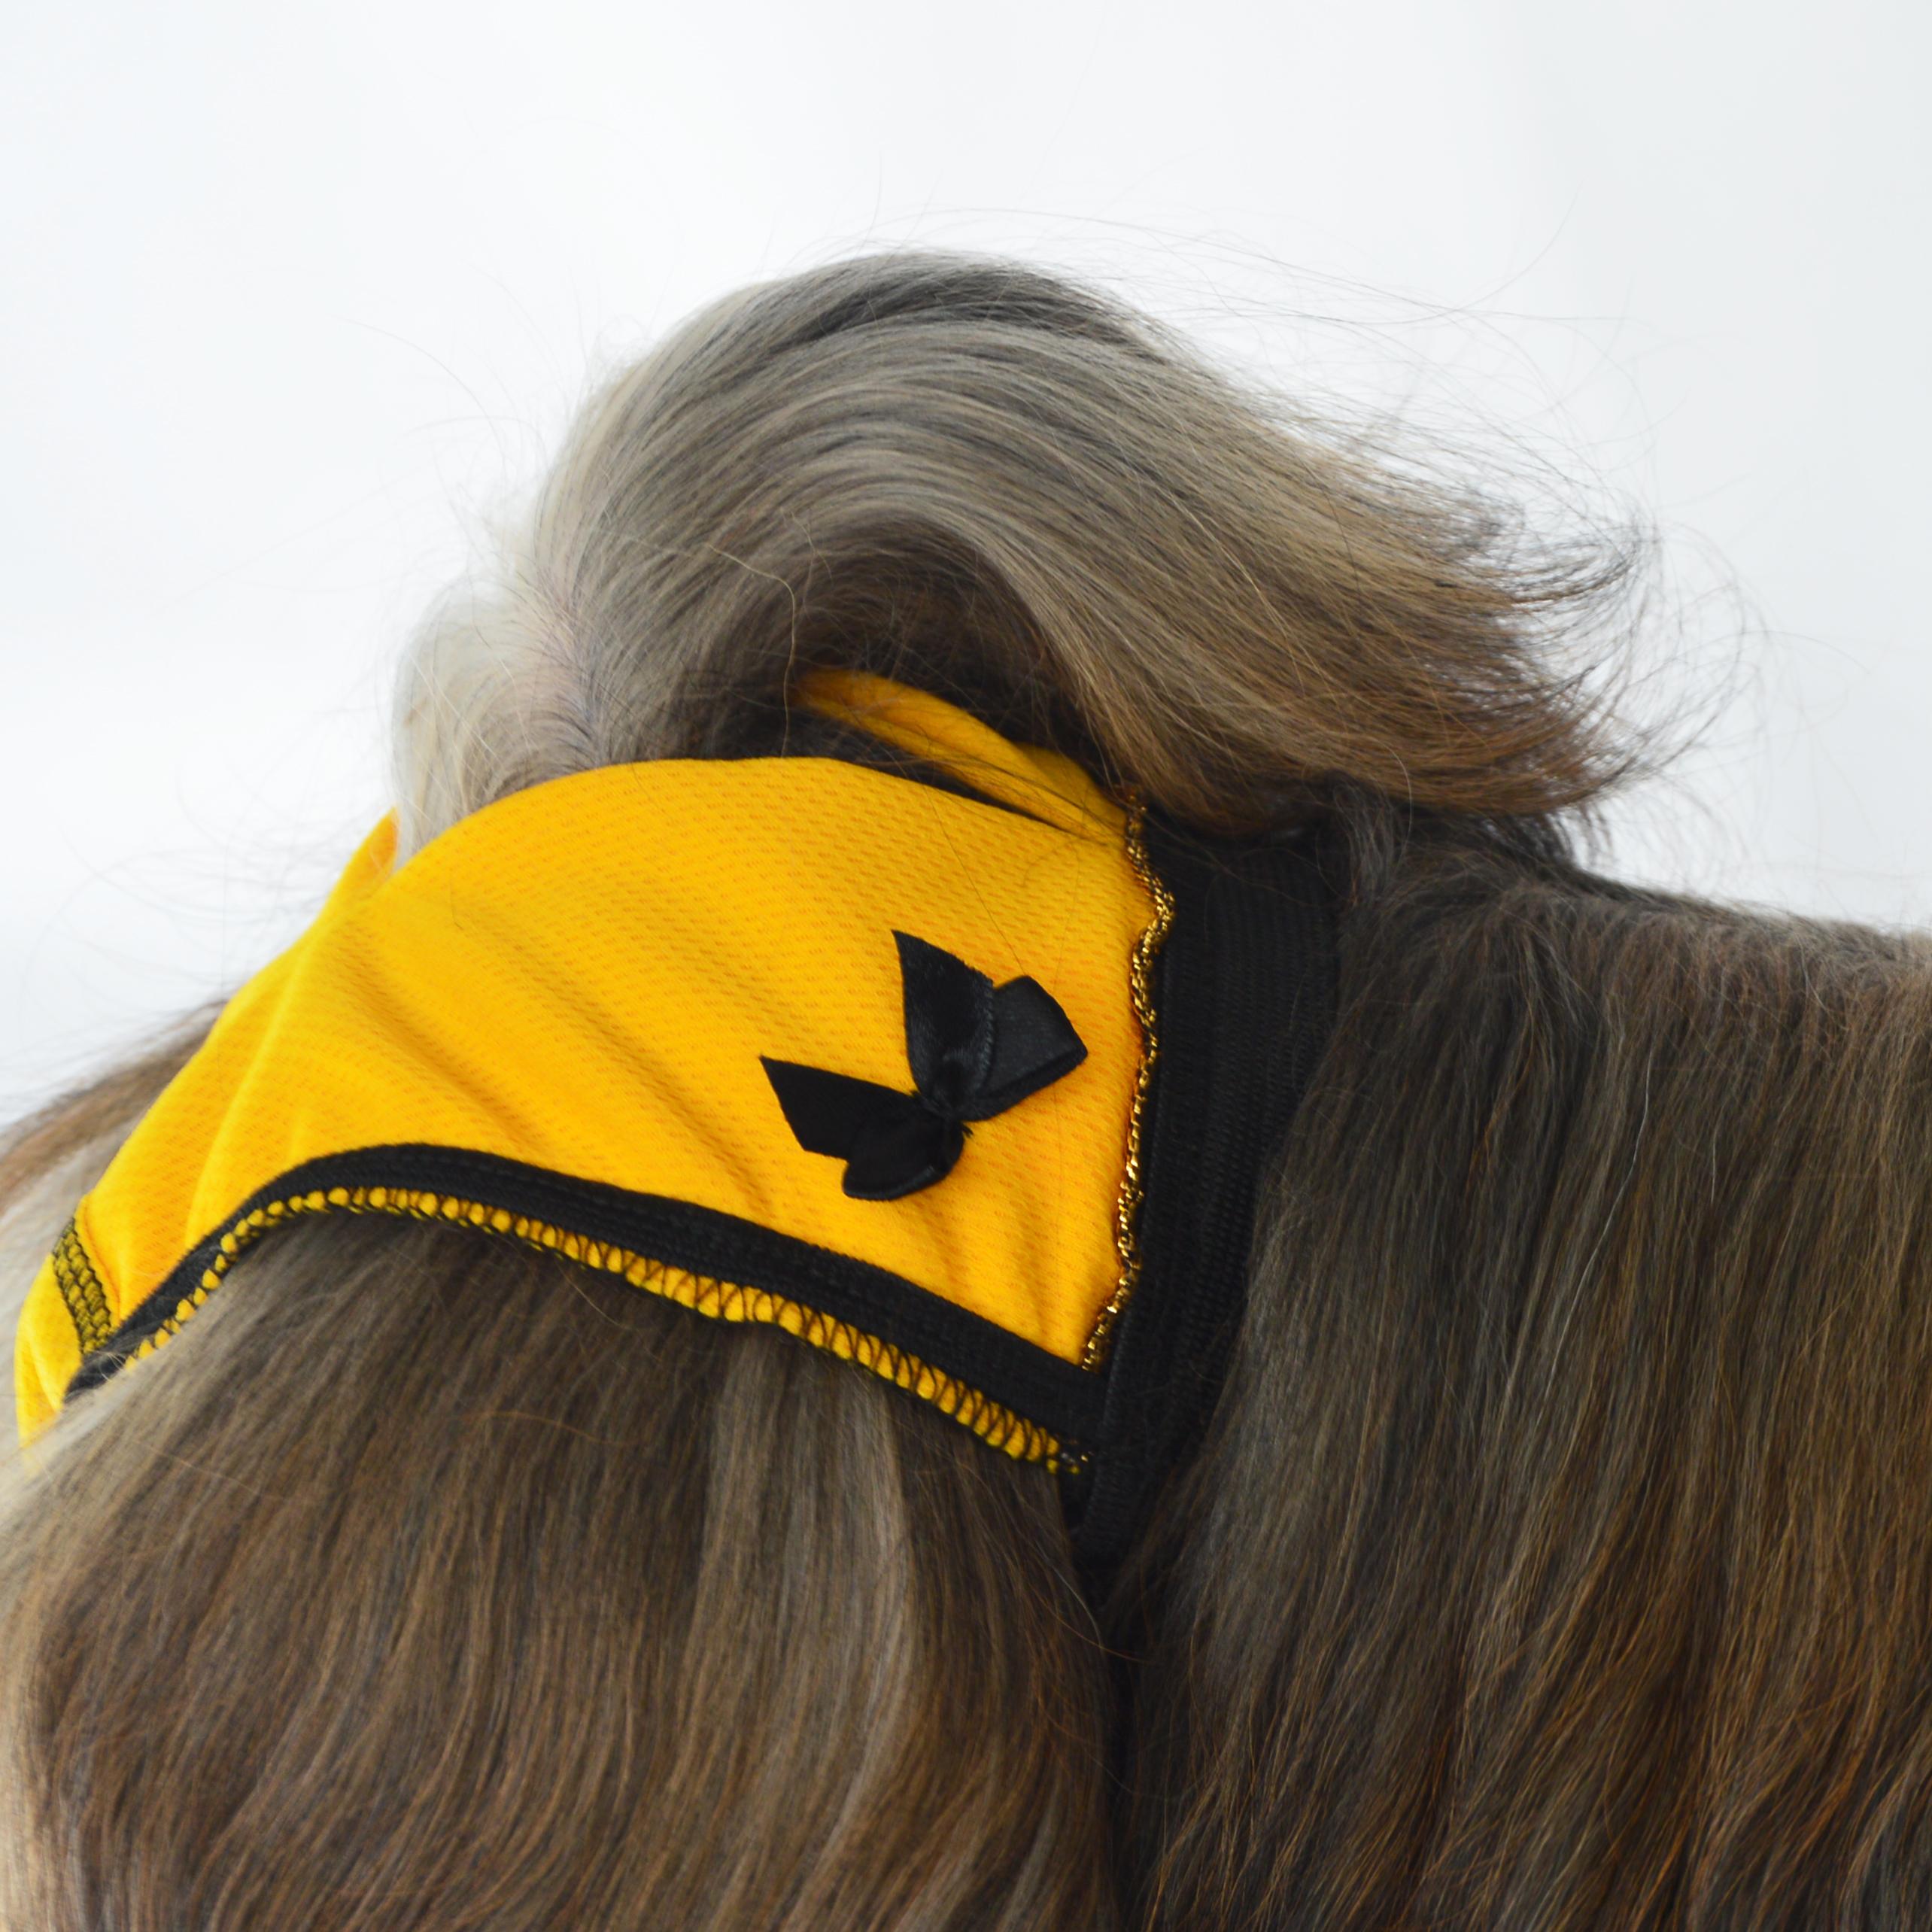 Hárací kalhotky MEGGIE no. 7, žluté s černou mašlí, vel. 2